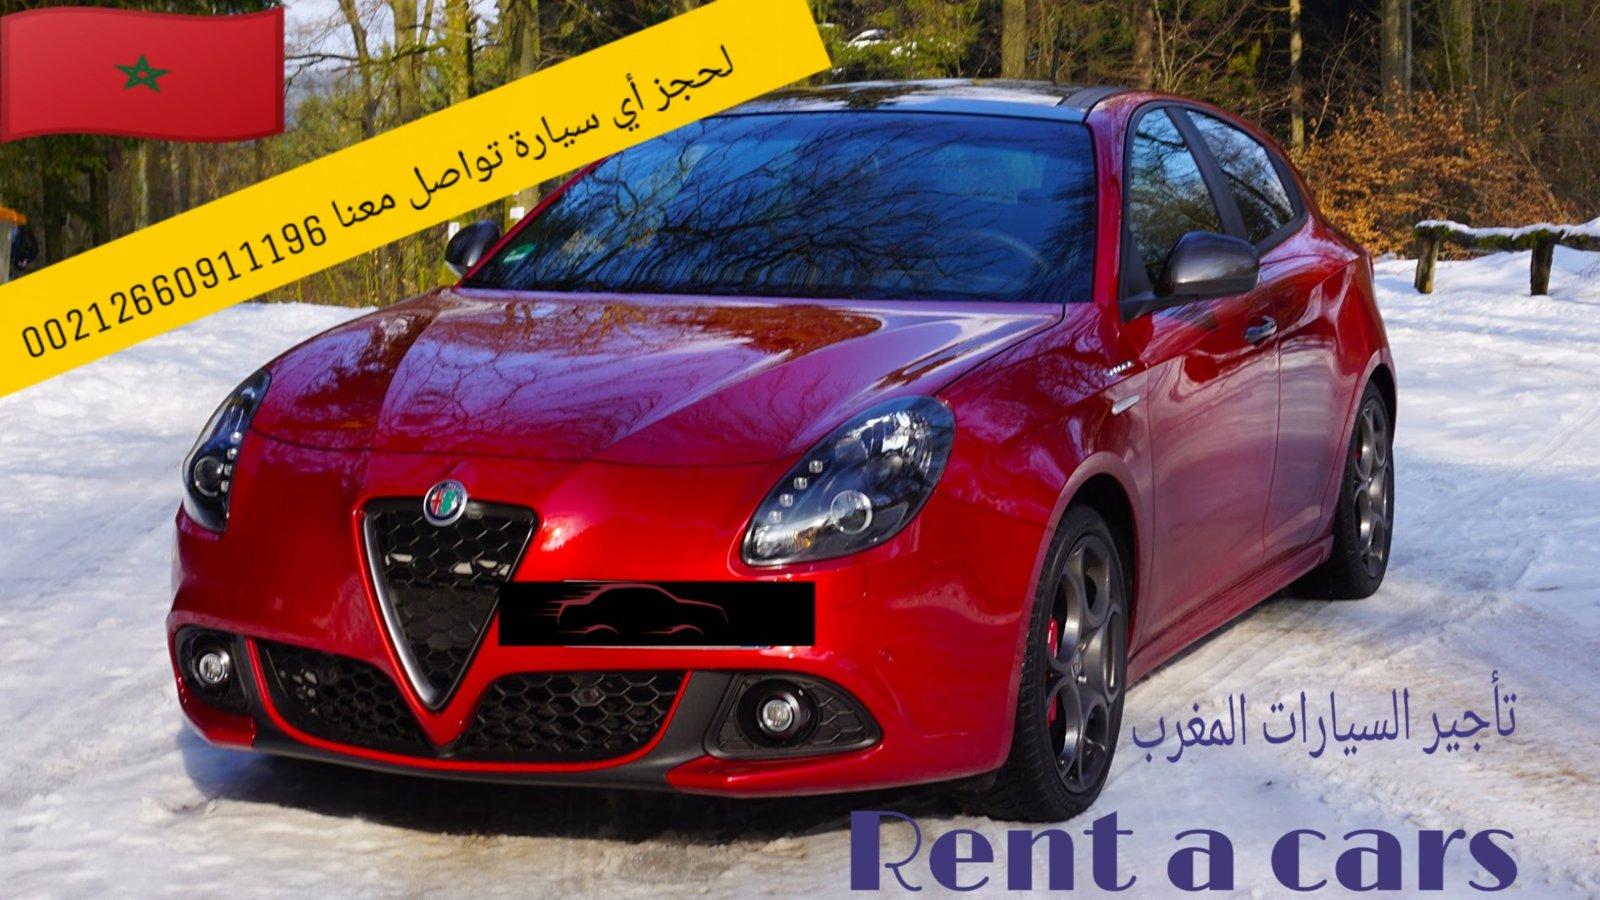 704710 المسافرون العرب تأجير سيارات في المغرب عرض خاص